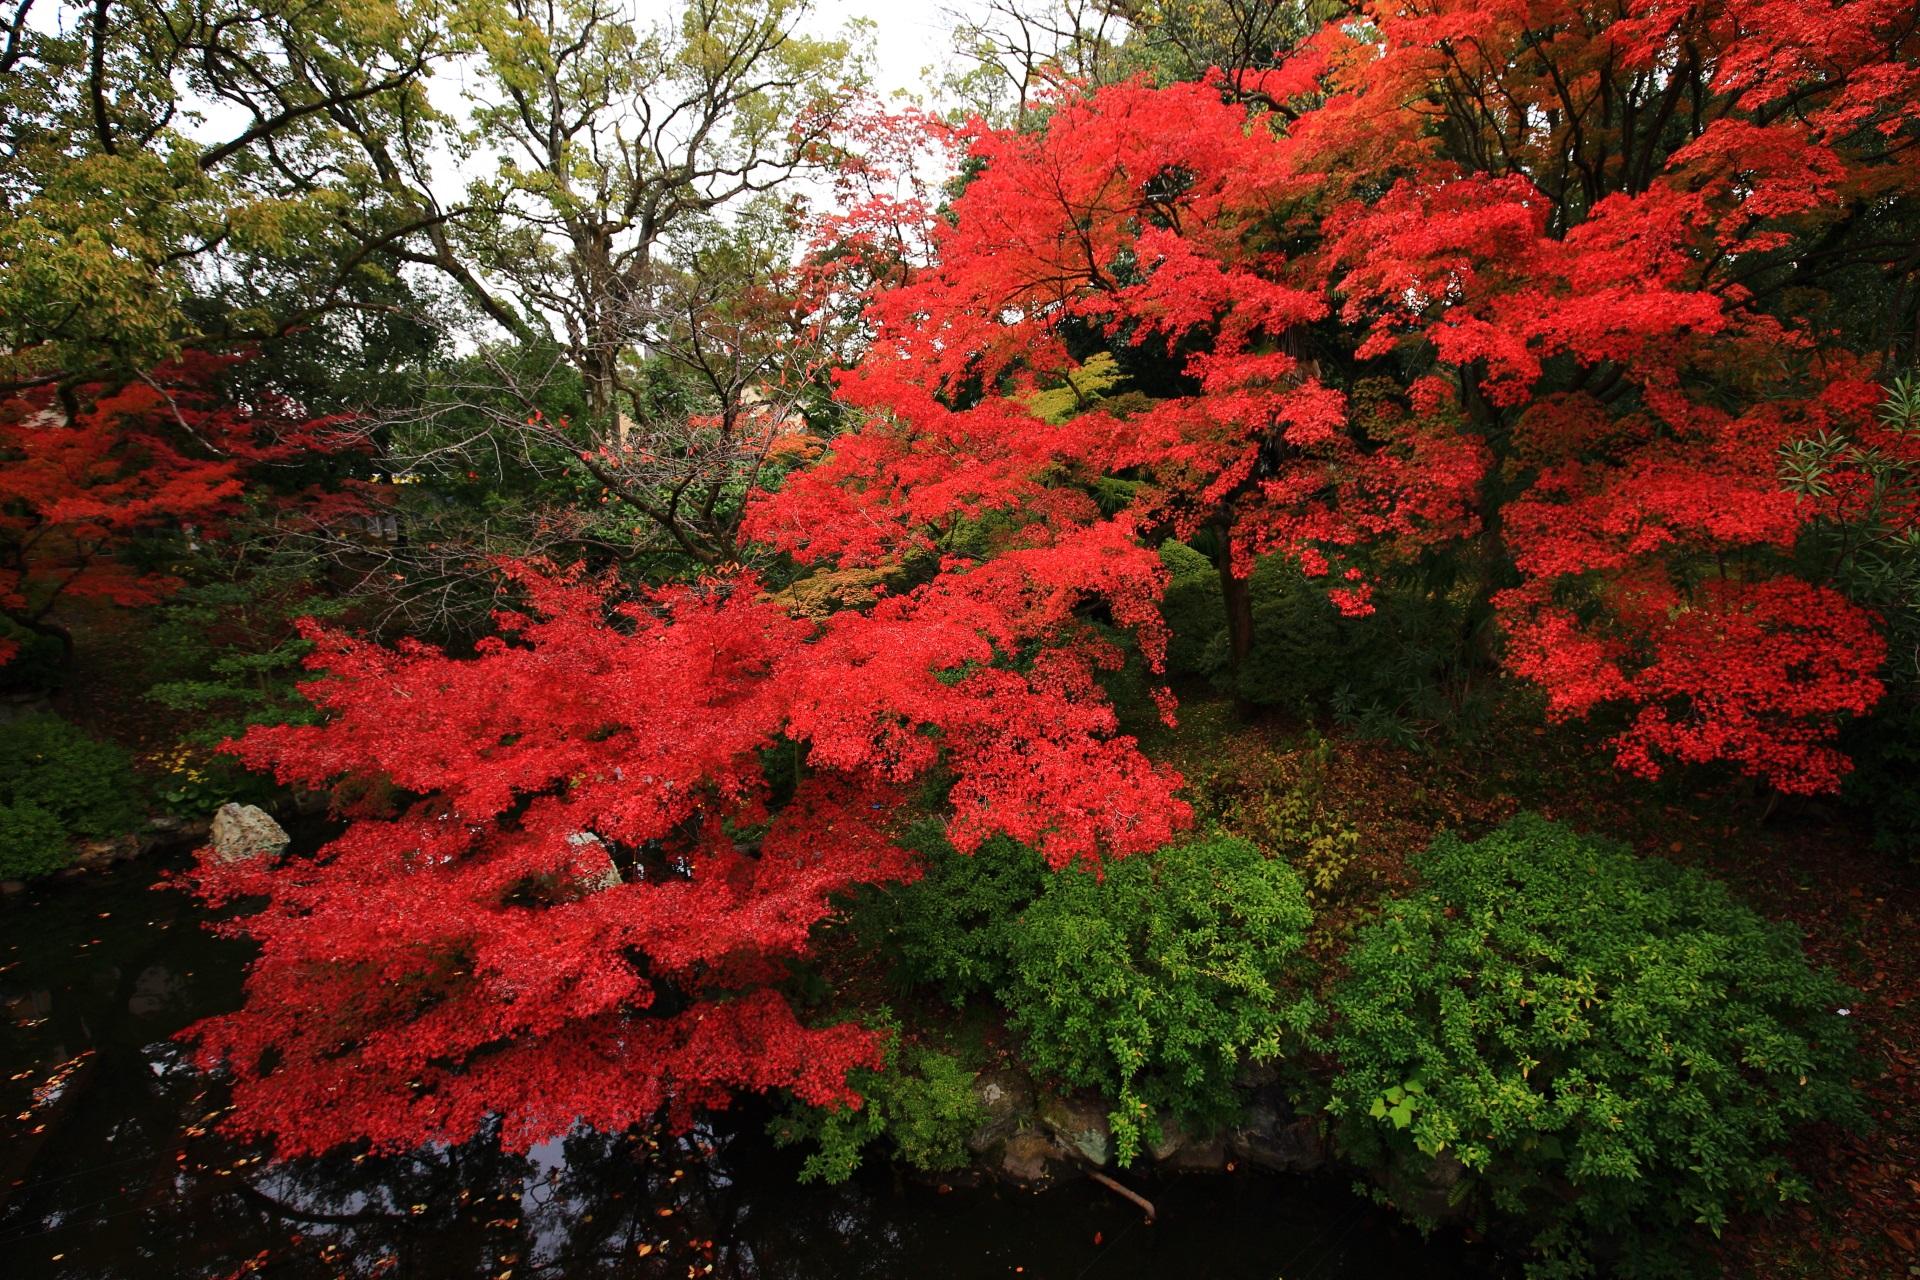 大谷本廟の超見ごろの溢れ出す真っ赤な紅葉